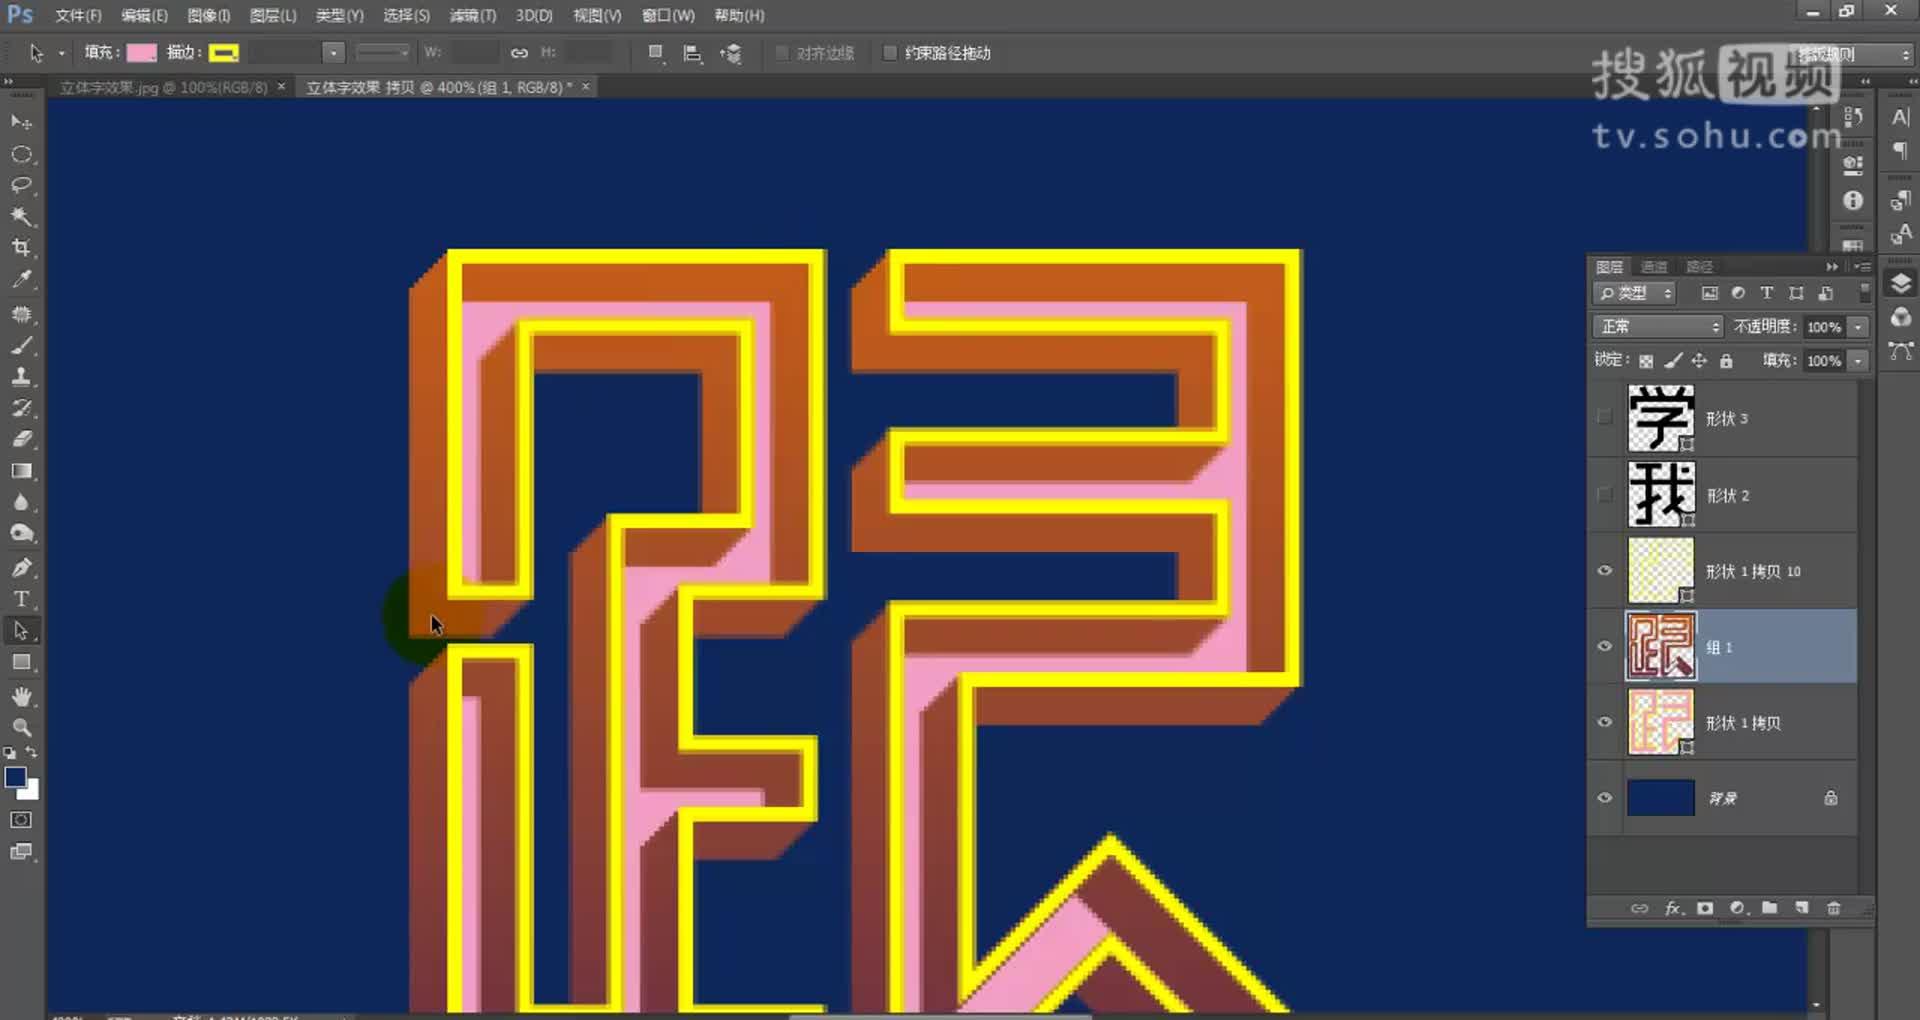 淘宝美工装修设计教程视频之淘宝海报炫酷立体字的制作 网店装修 ps淘宝设计